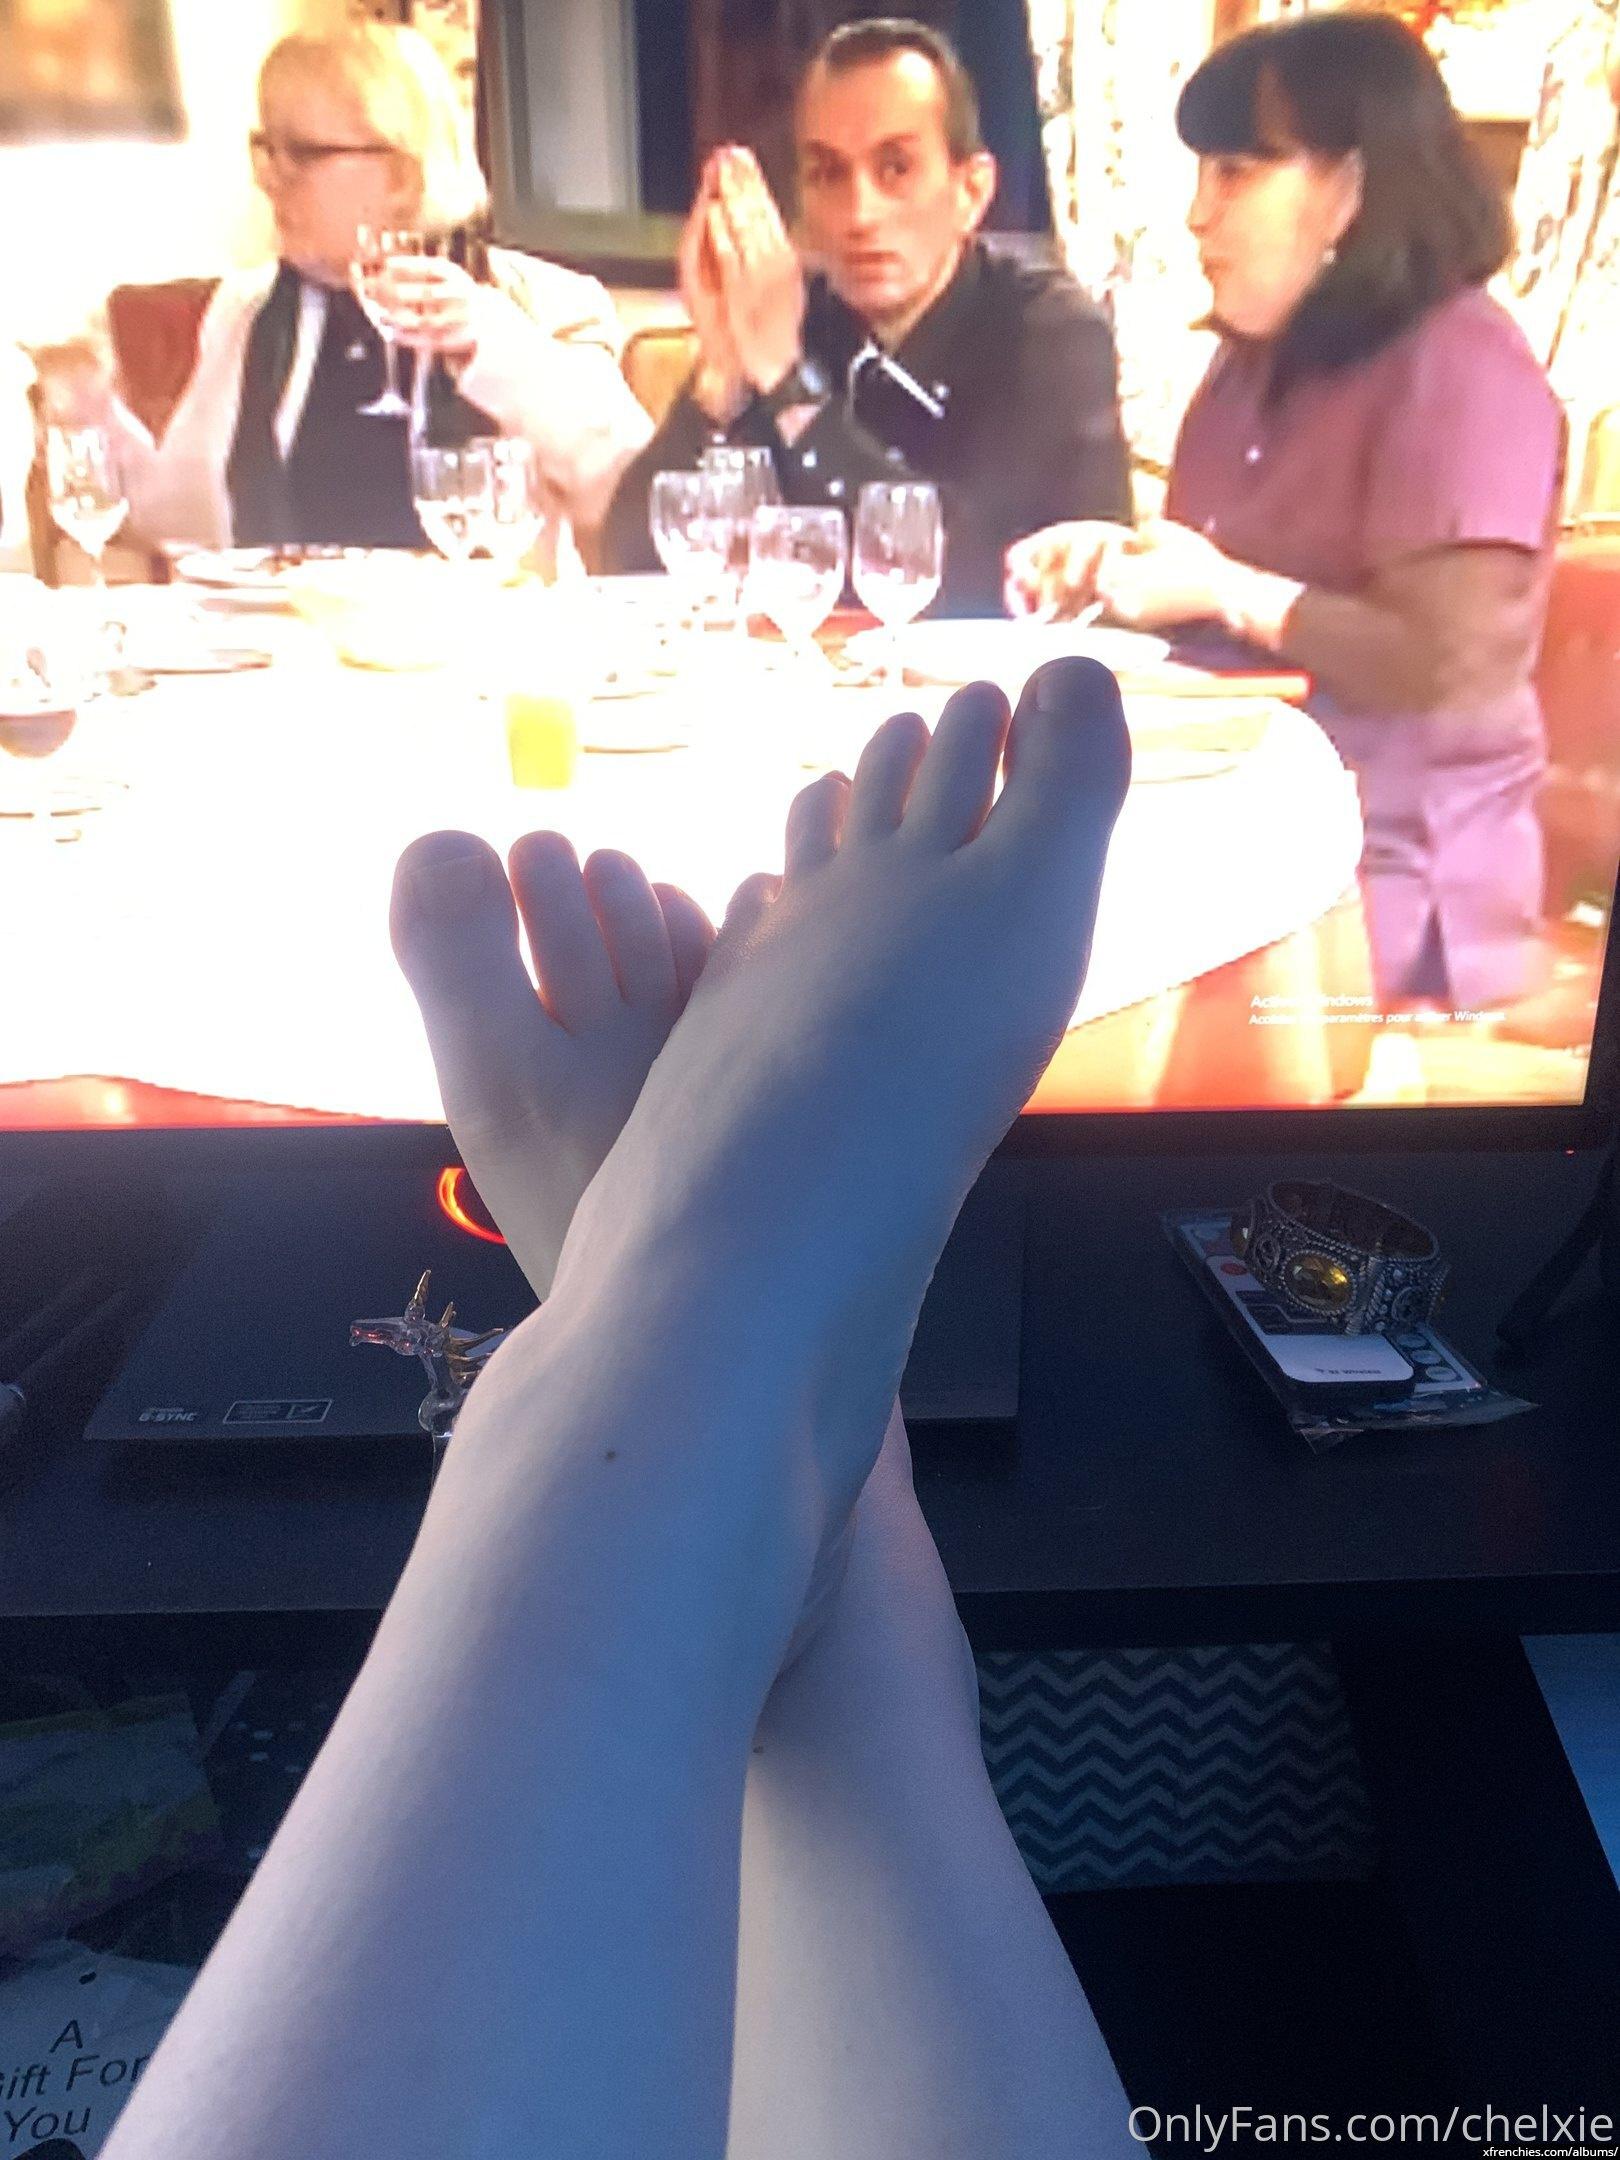 Photo de pied – Les pieds de Chelxie Onlyfans Leak n°59